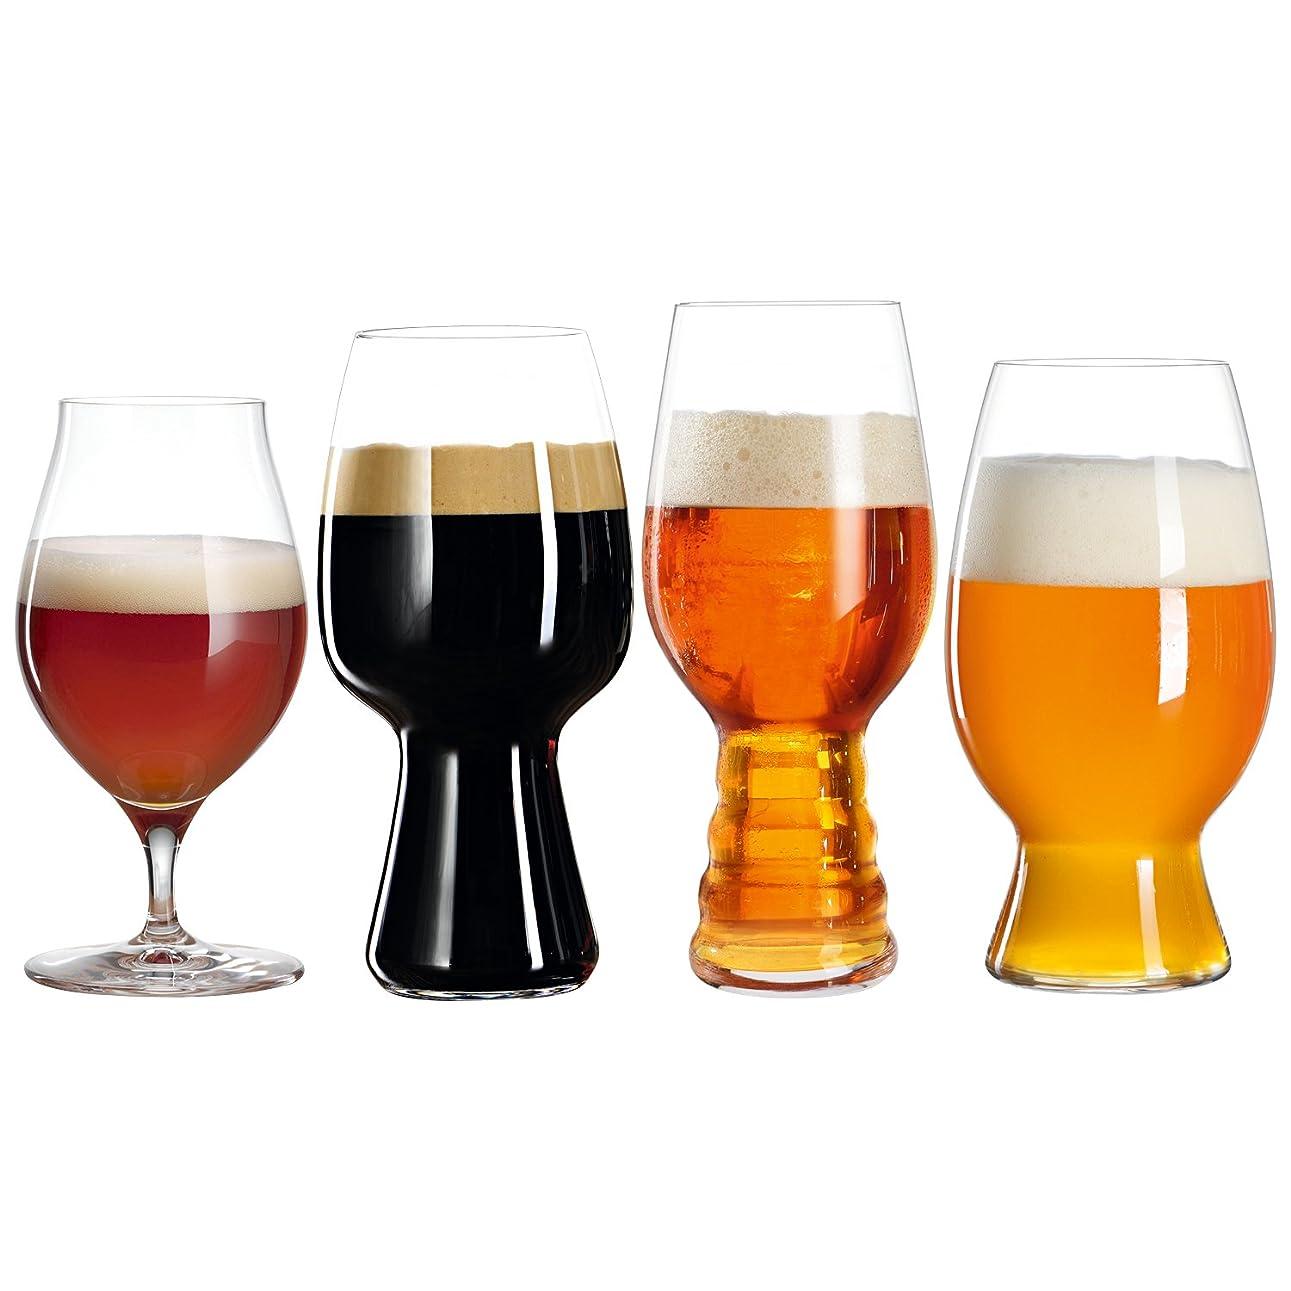 タフ出血コピーシュピゲラウ(Spiegelau) クラフトビールグラス クラフトビール?テイスティング?キット 4991697 4個入